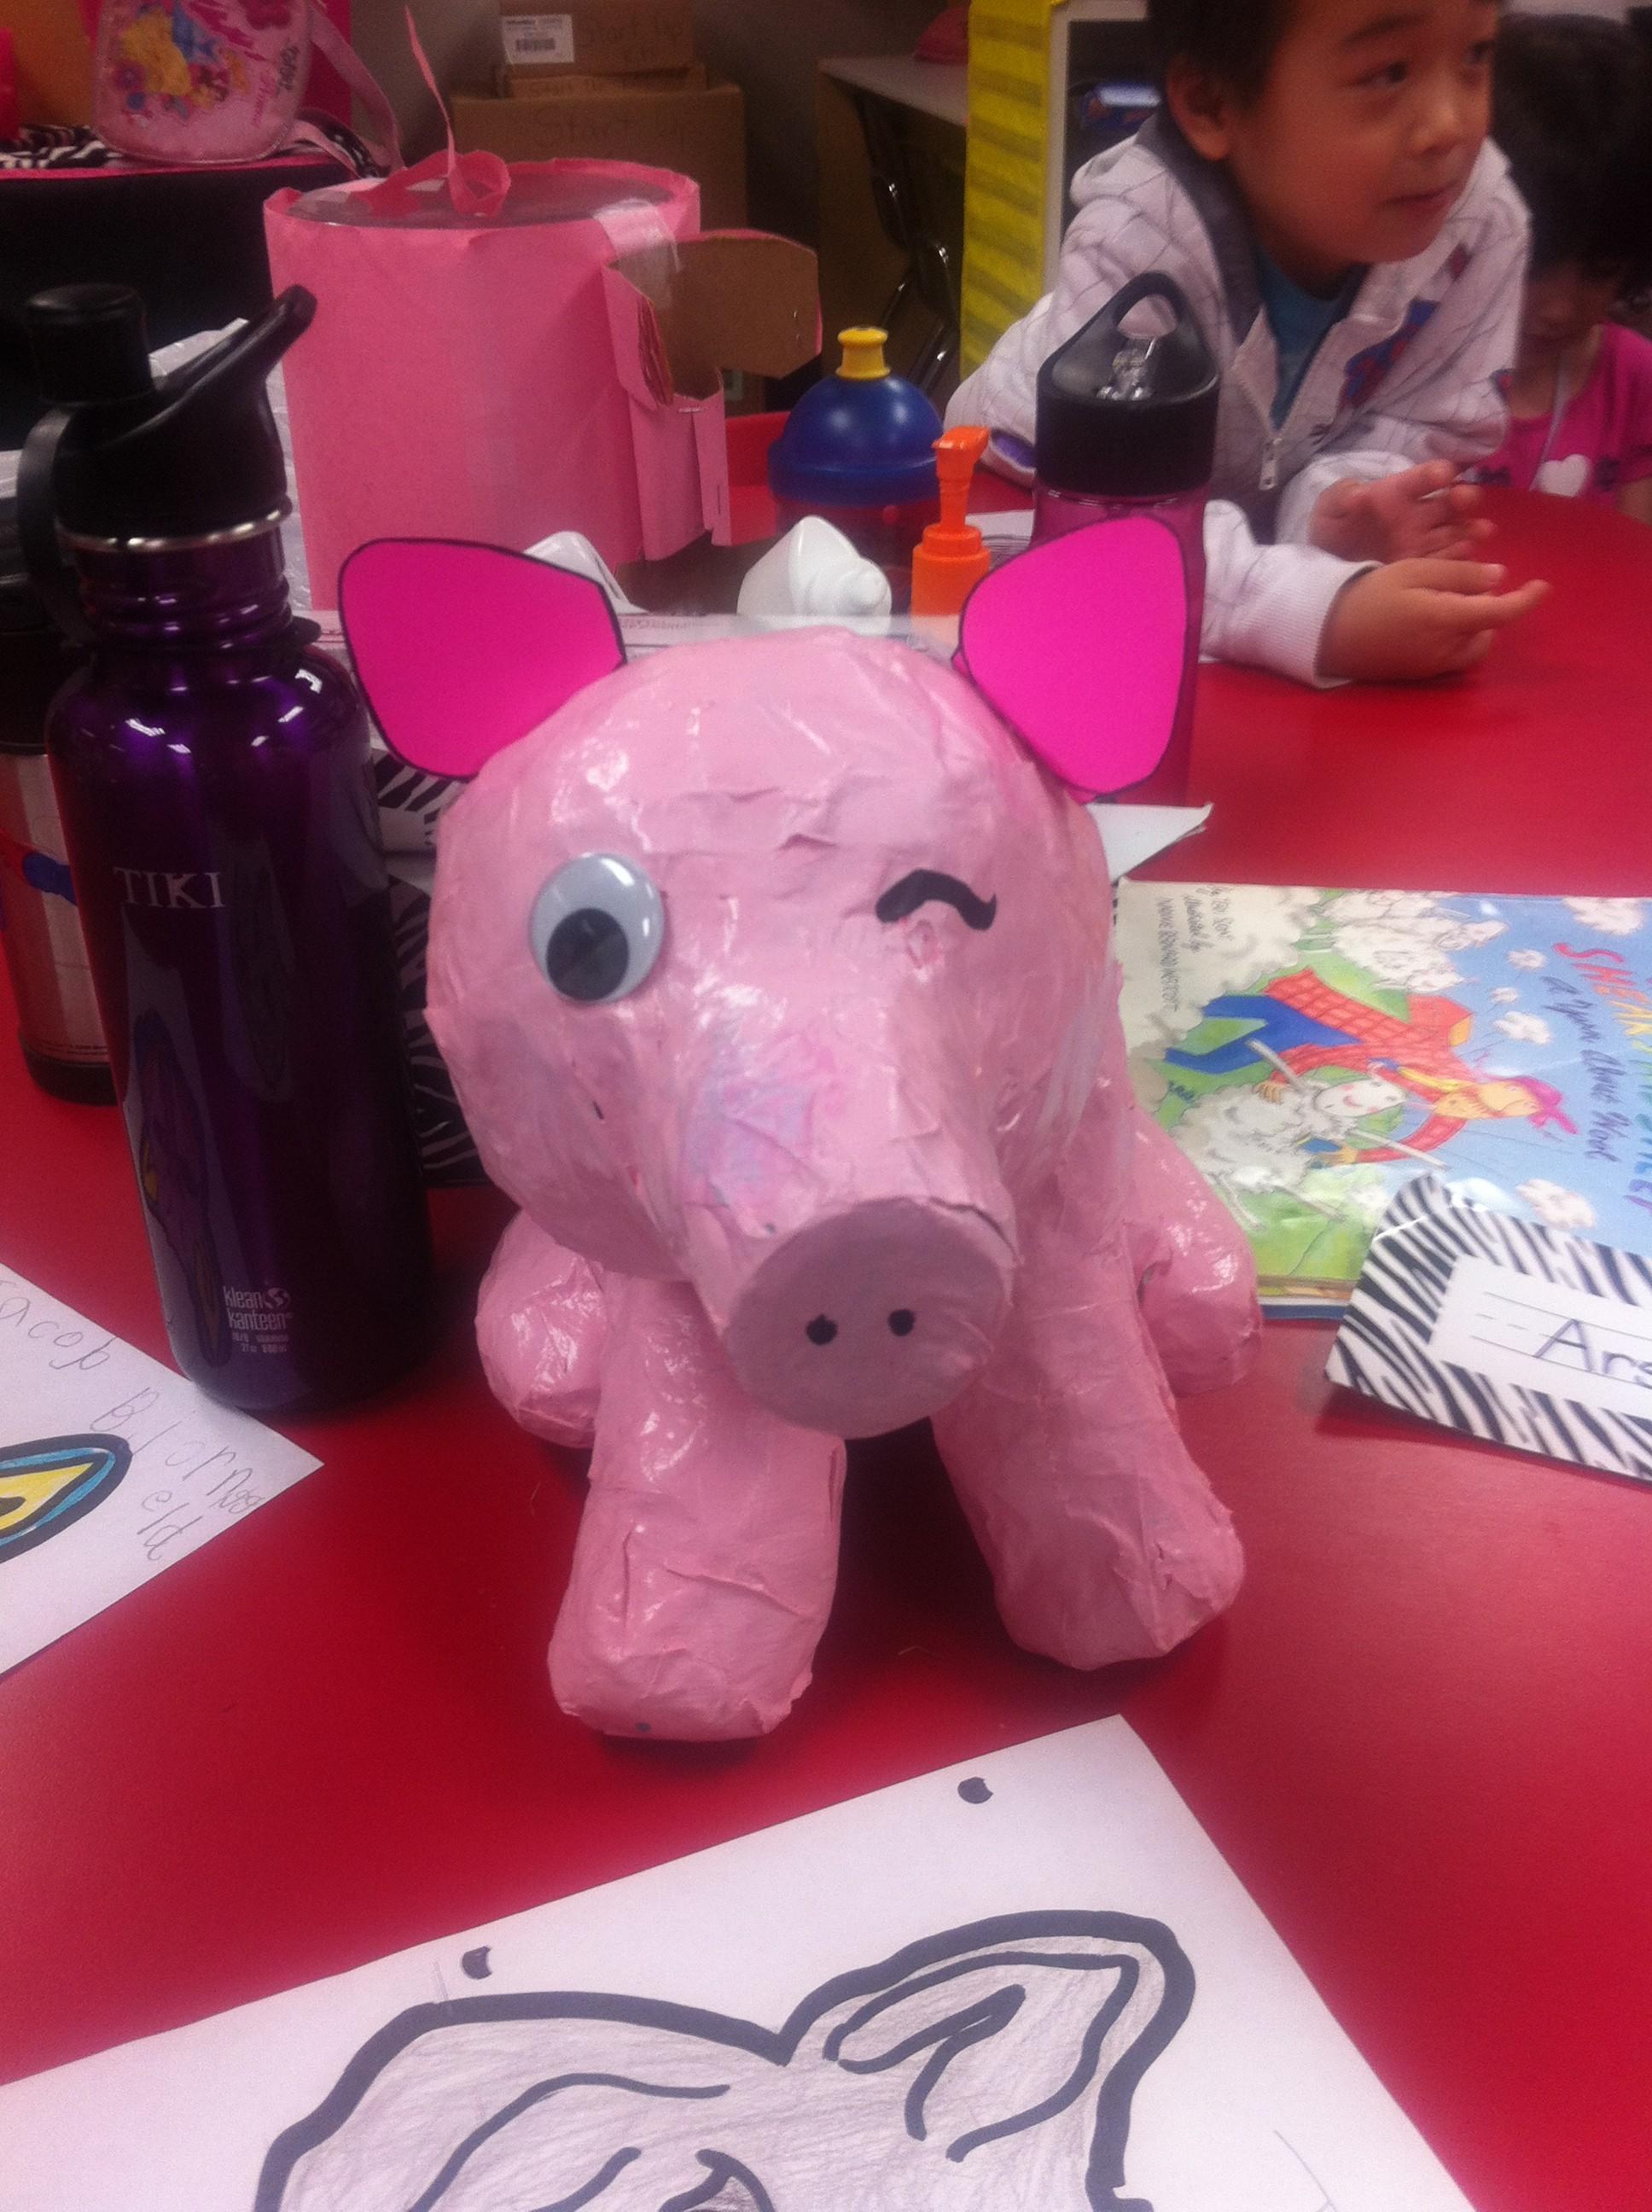 Winking Pig